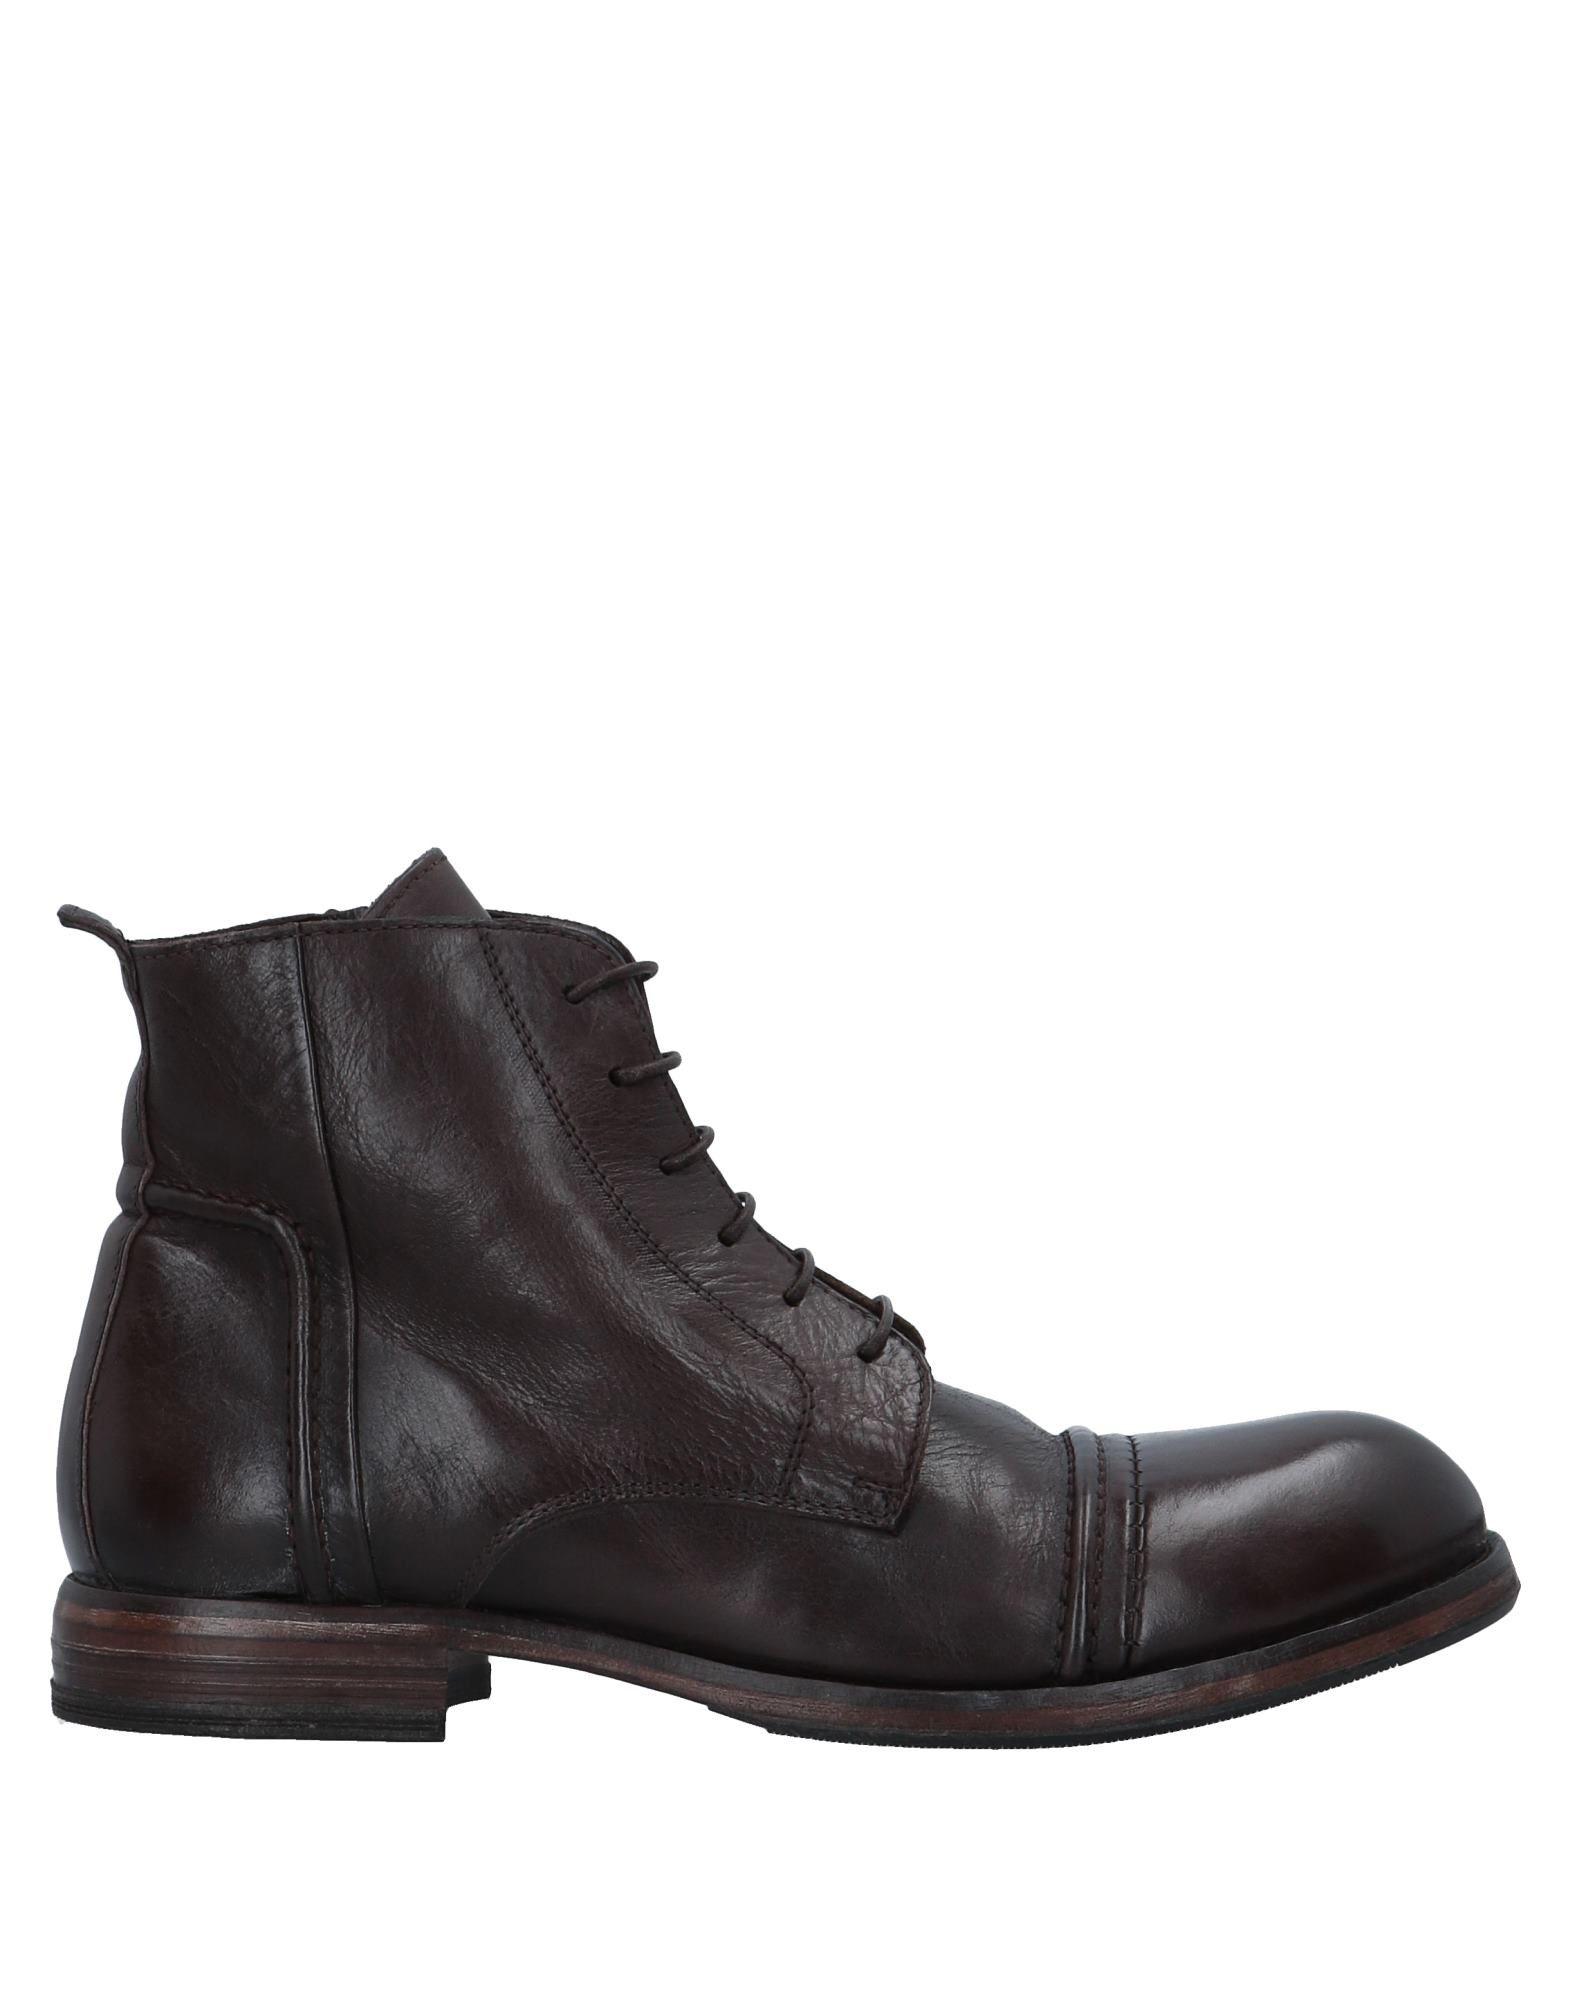 Moma Stiefelette Herren  11538166KX Gute Qualität beliebte Schuhe